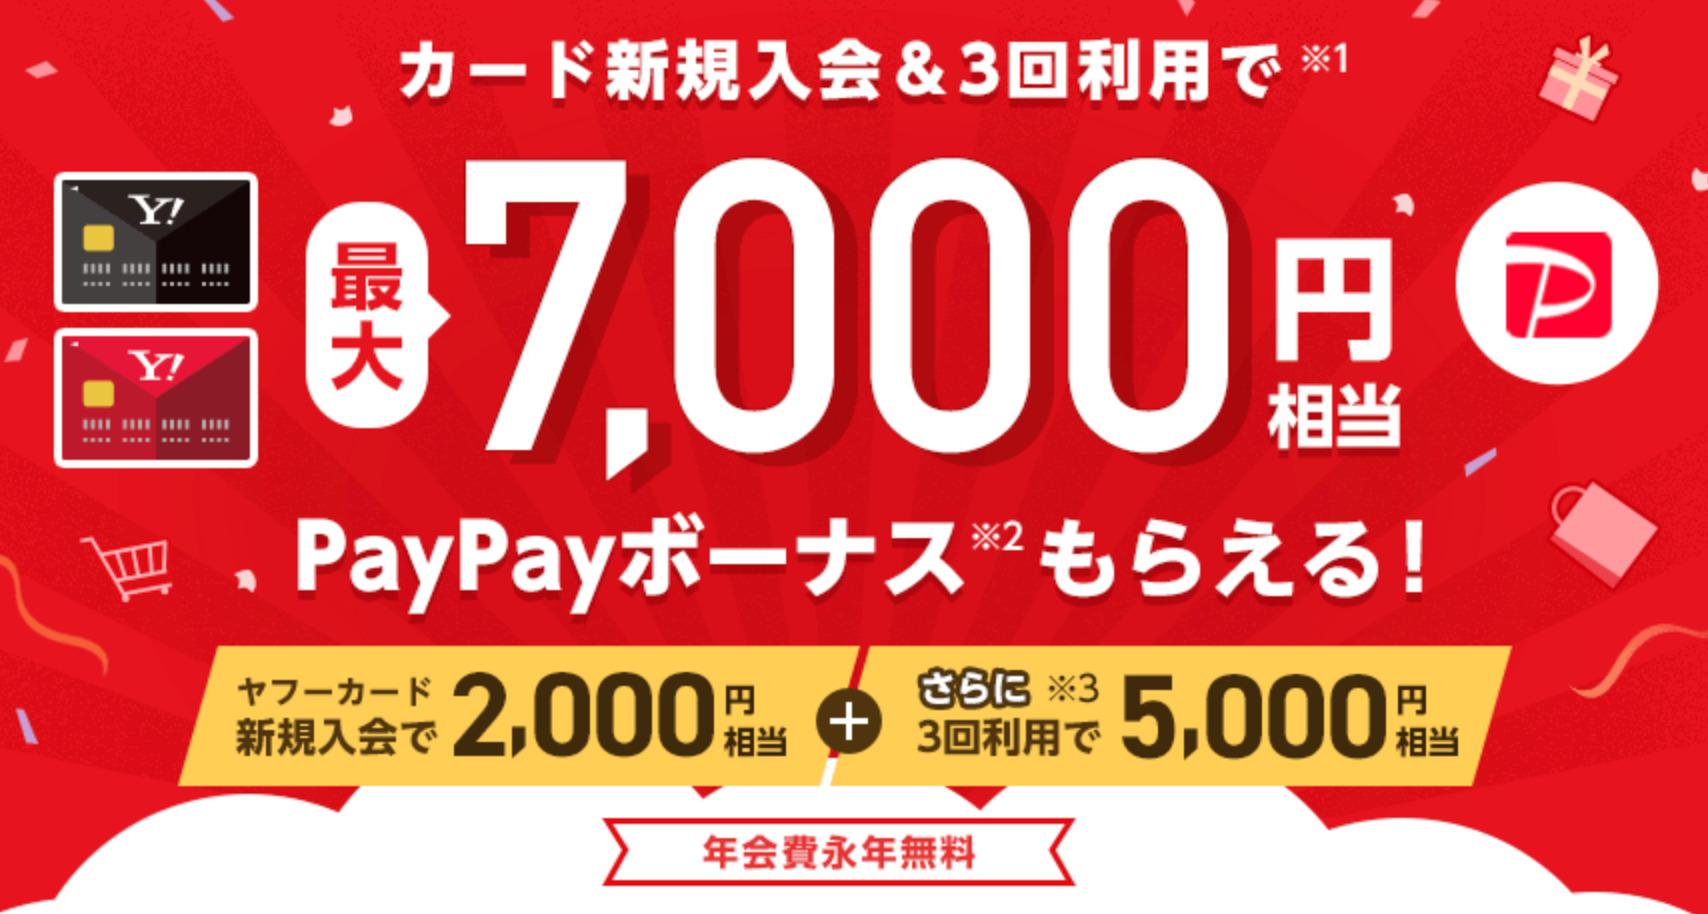 Yahooカードキャンペーン